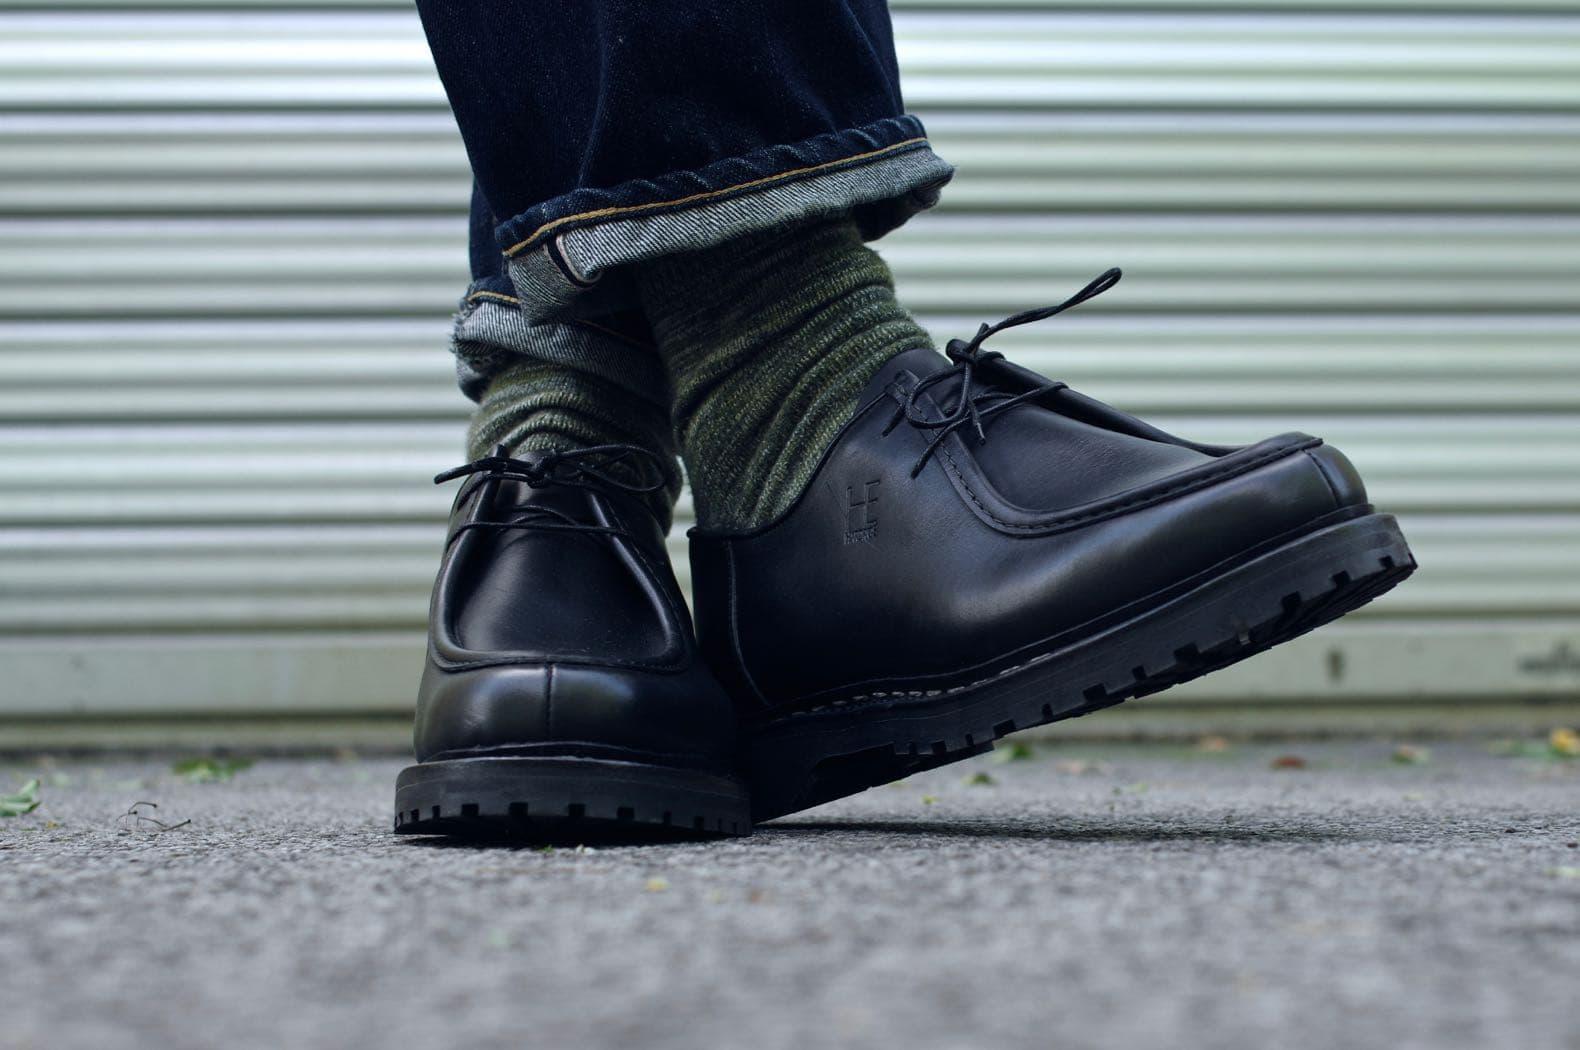 chaussures derby royans maison hardrige